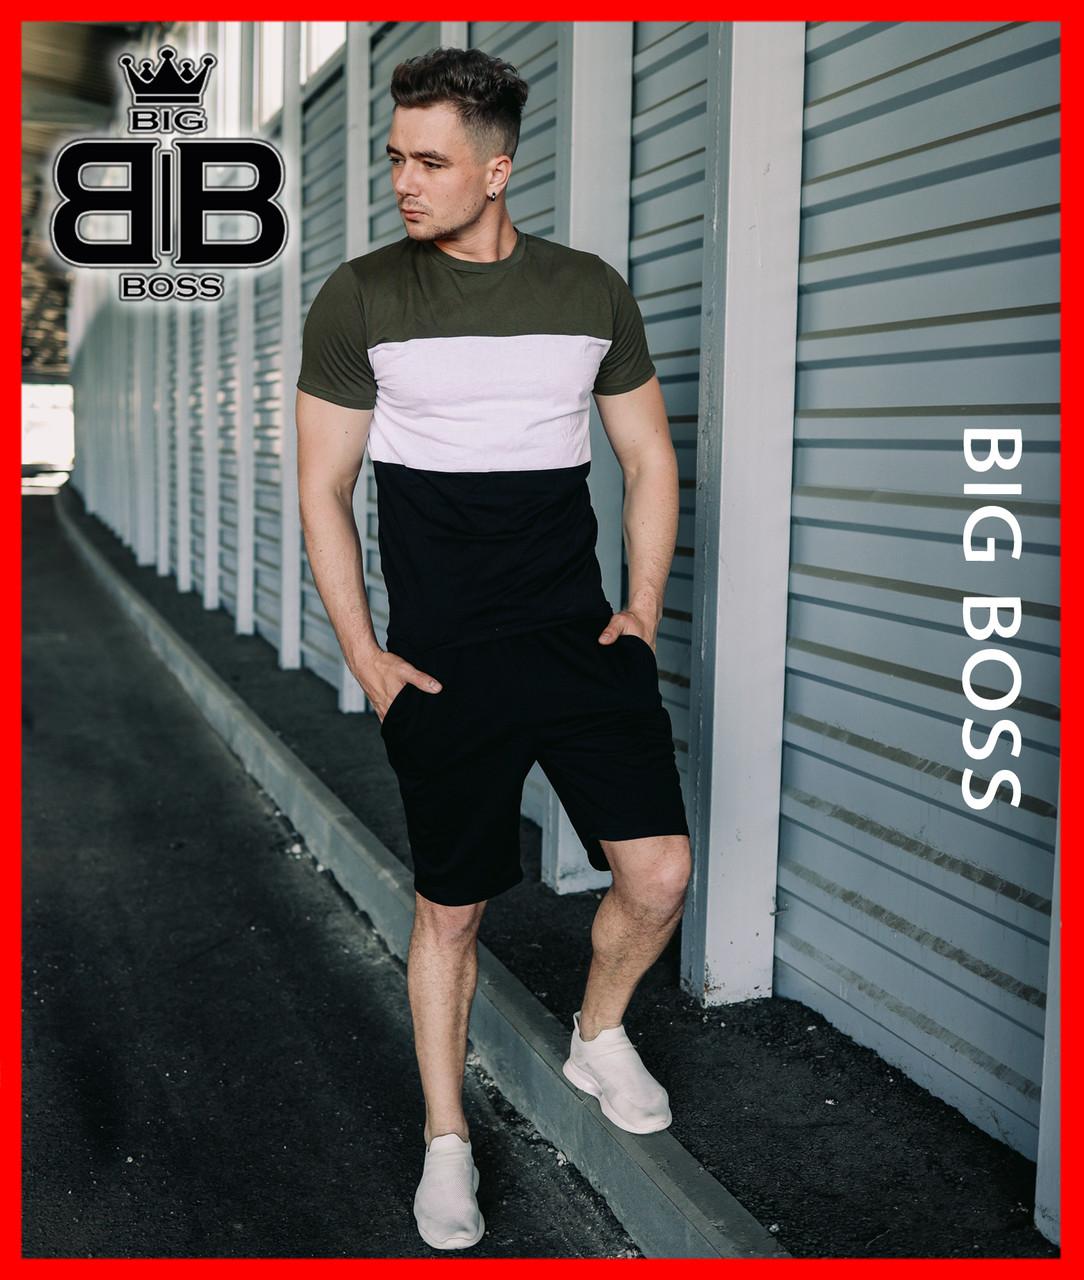 Мужской комплект   летний набор   трехцветная футболка + шорты   нашивной лампас! Цвет: хаки с белым и черным.